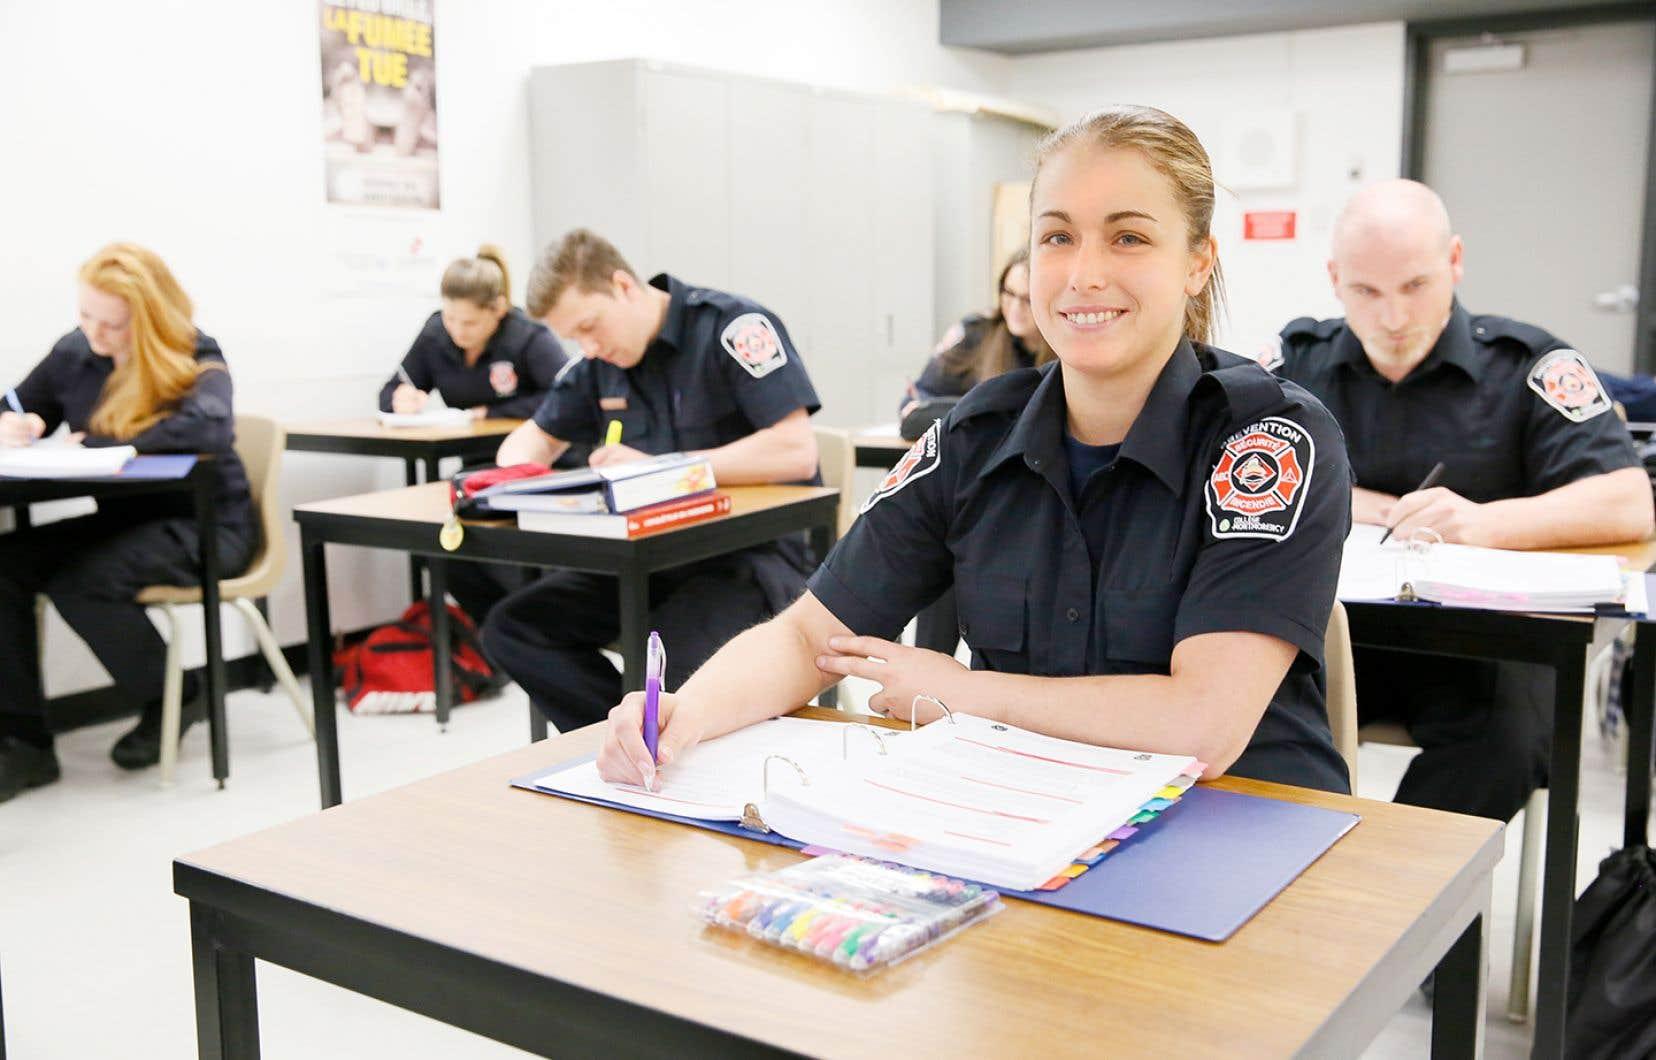 Le collège Montmorency offre de la formation en entreprise en sécurité incendie et prévention et en répartition d'appels d'urgence.